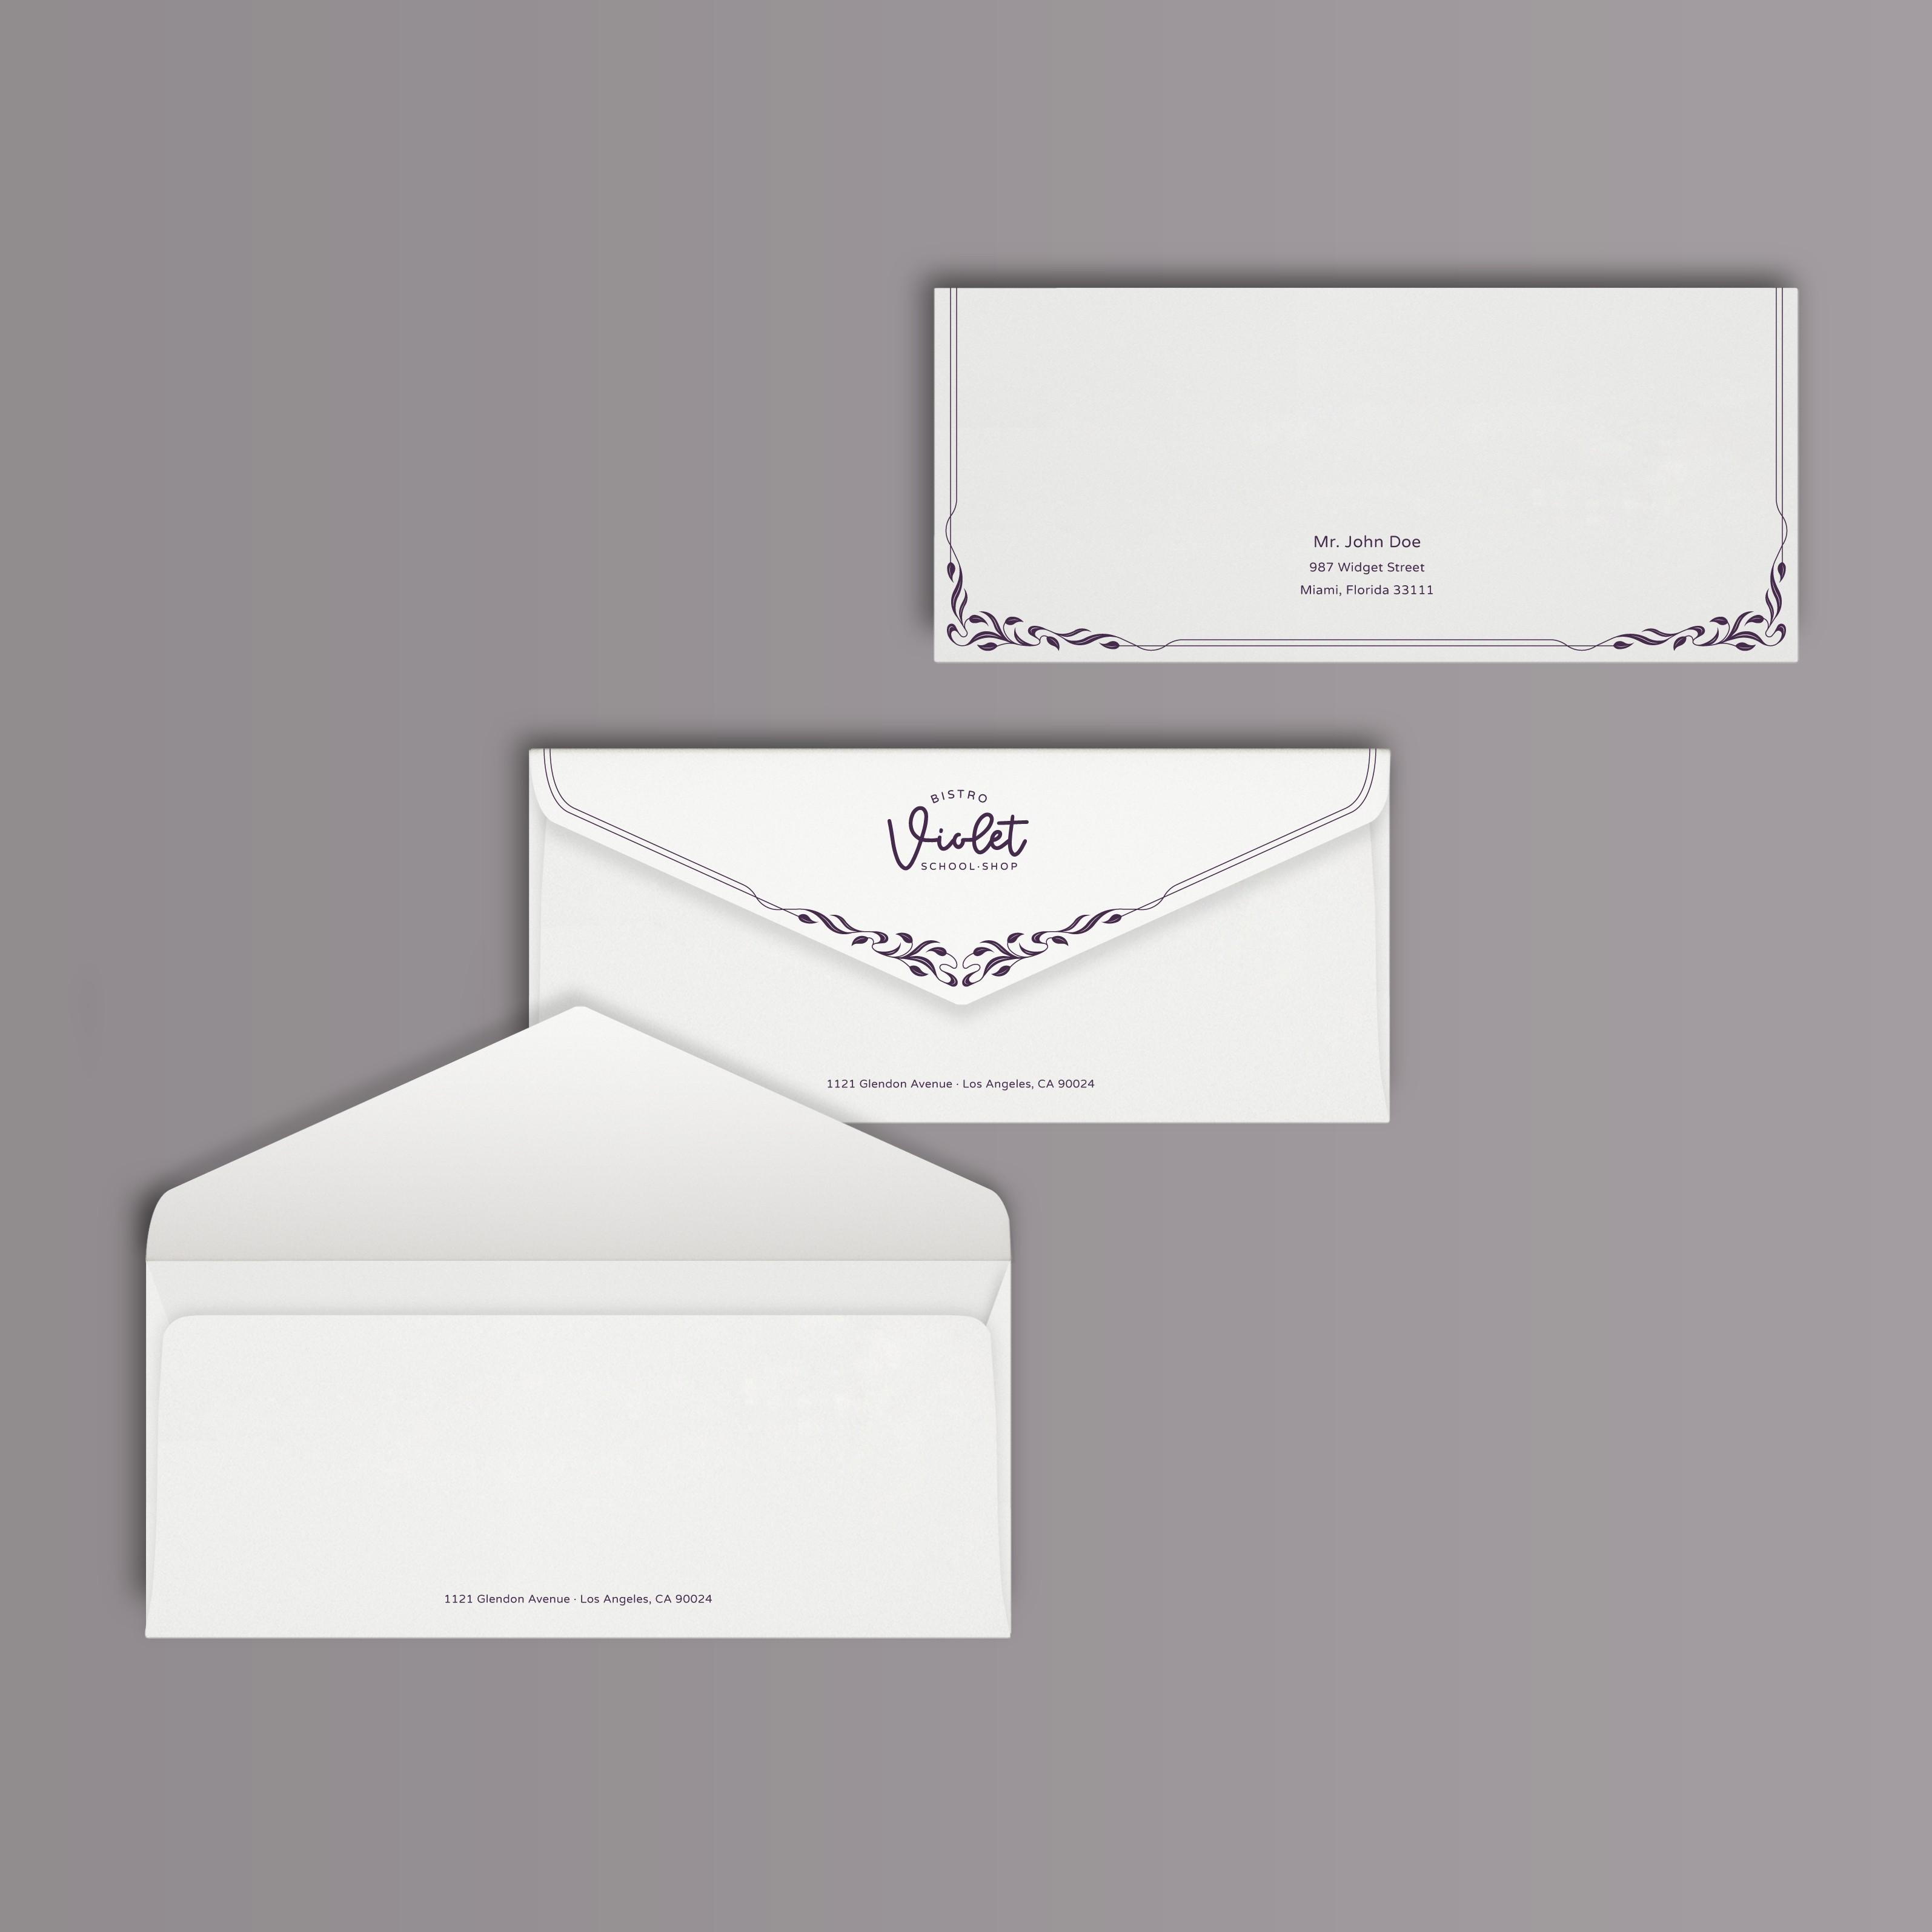 Violet envelope design